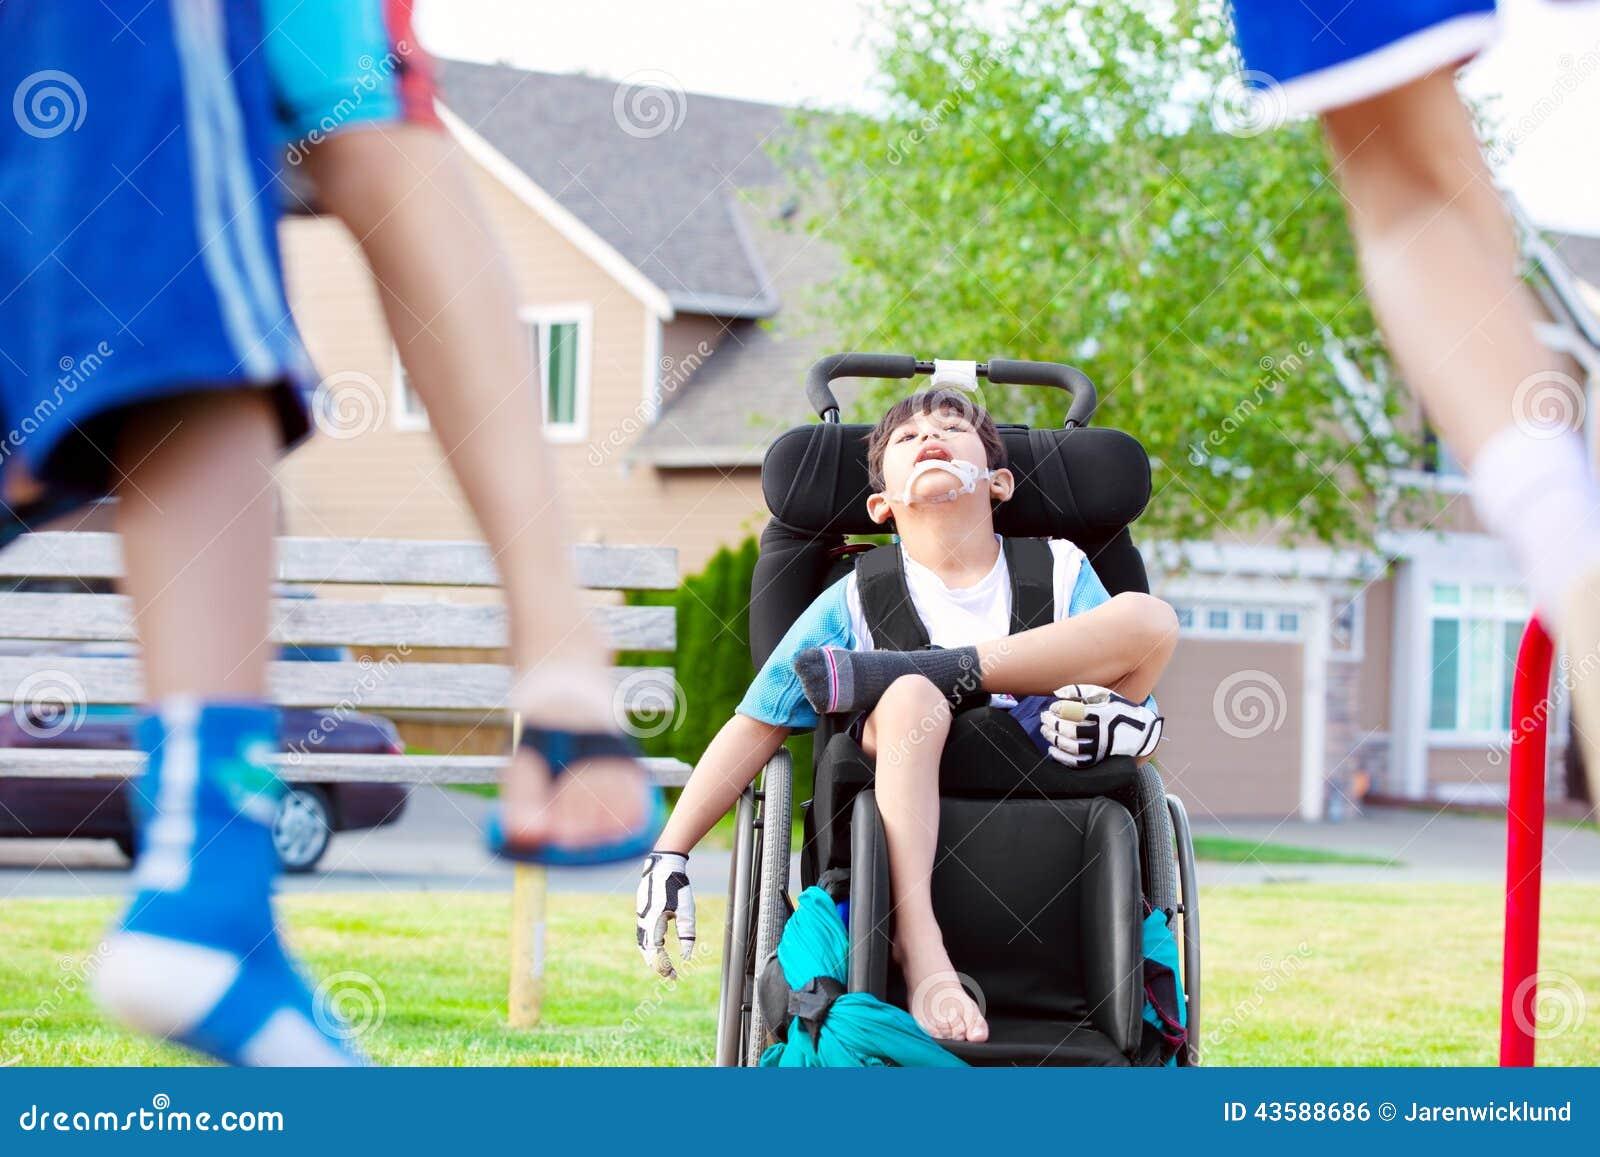 Disabled little boy in wheelchair watching children play